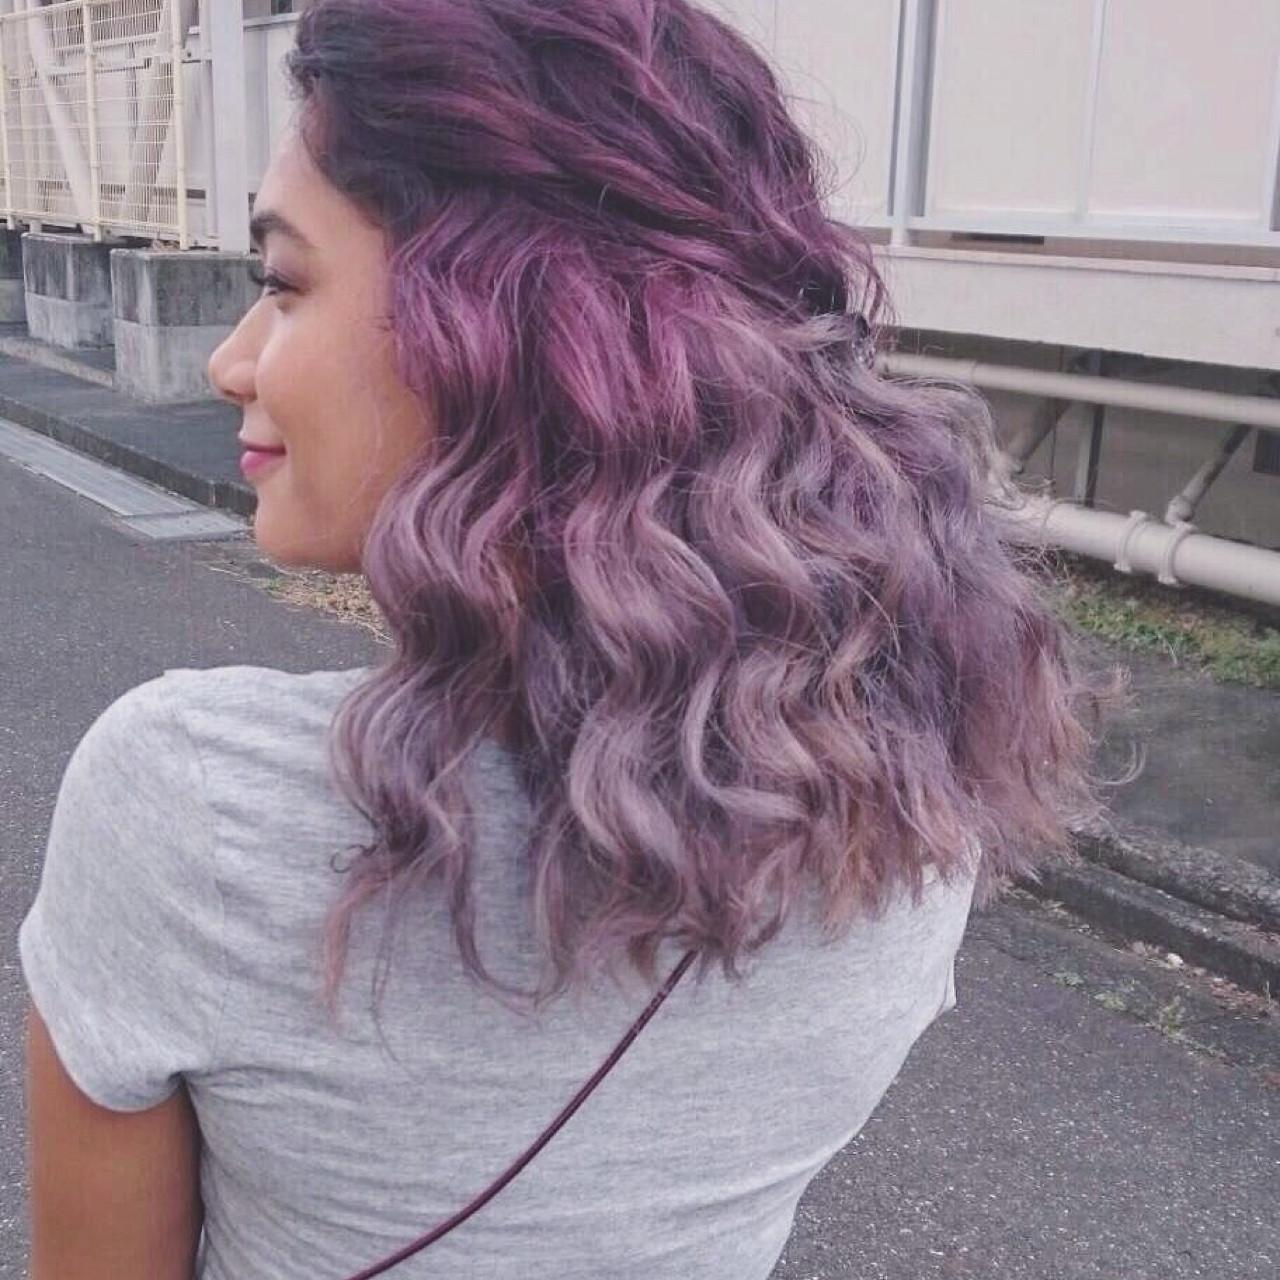 モード 透明感 ヘアアレンジ ミディアム ヘアスタイルや髪型の写真・画像 | YUJI / LIICHI / LIICHI (リイチ)